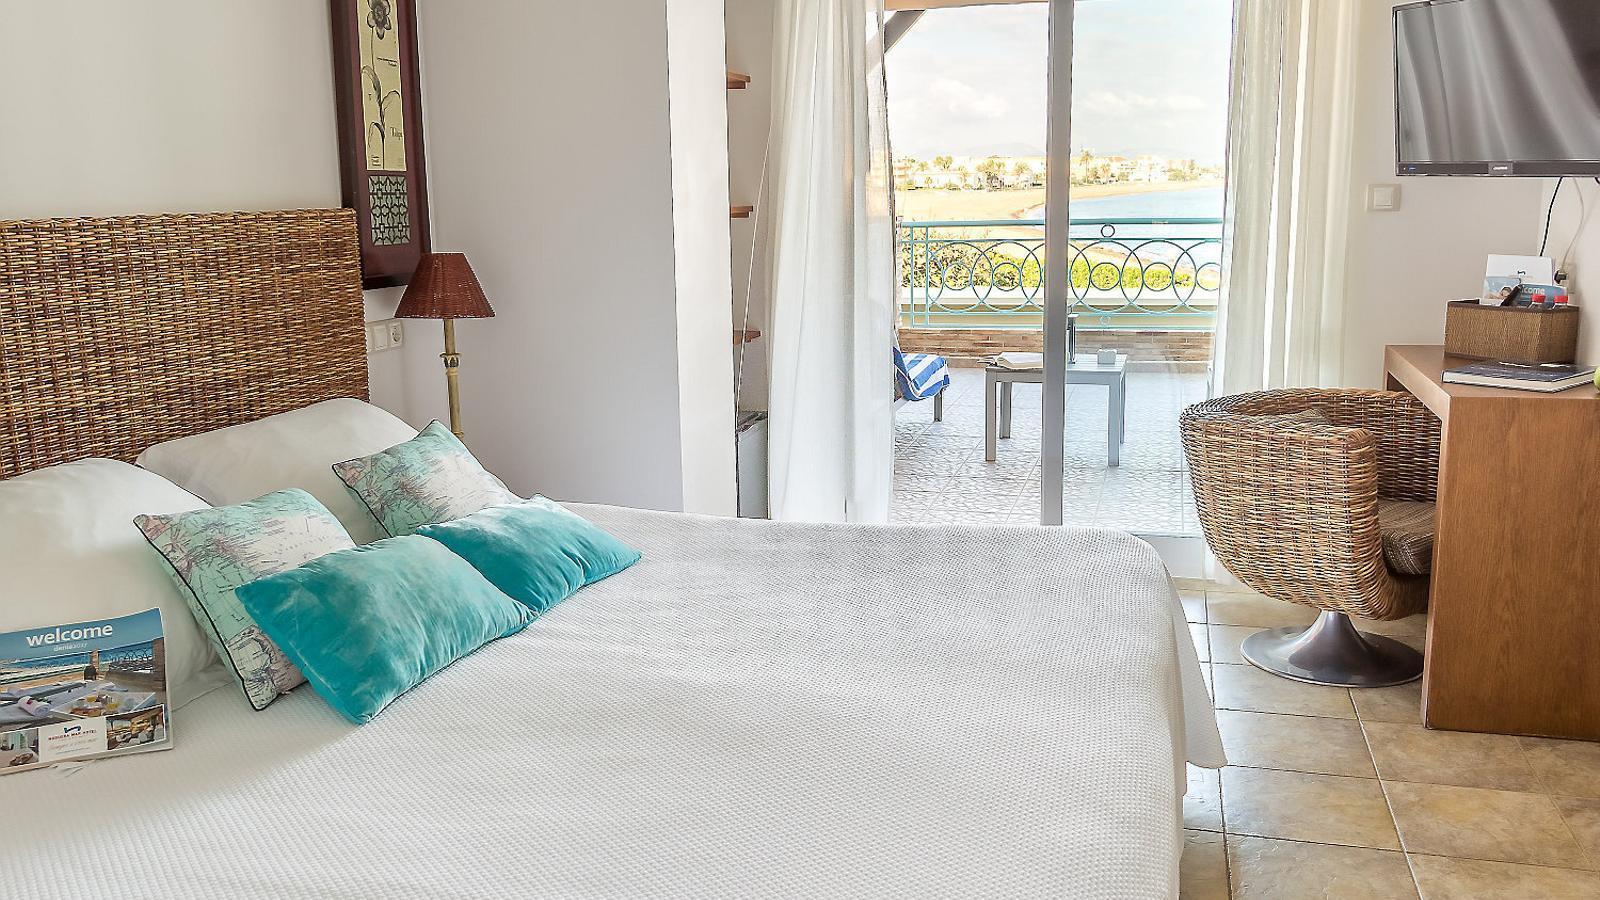 Un país per confinar-s'hi Noguera Mar Hotel El llegat d'un somni fet realitat a la costa de Dénia